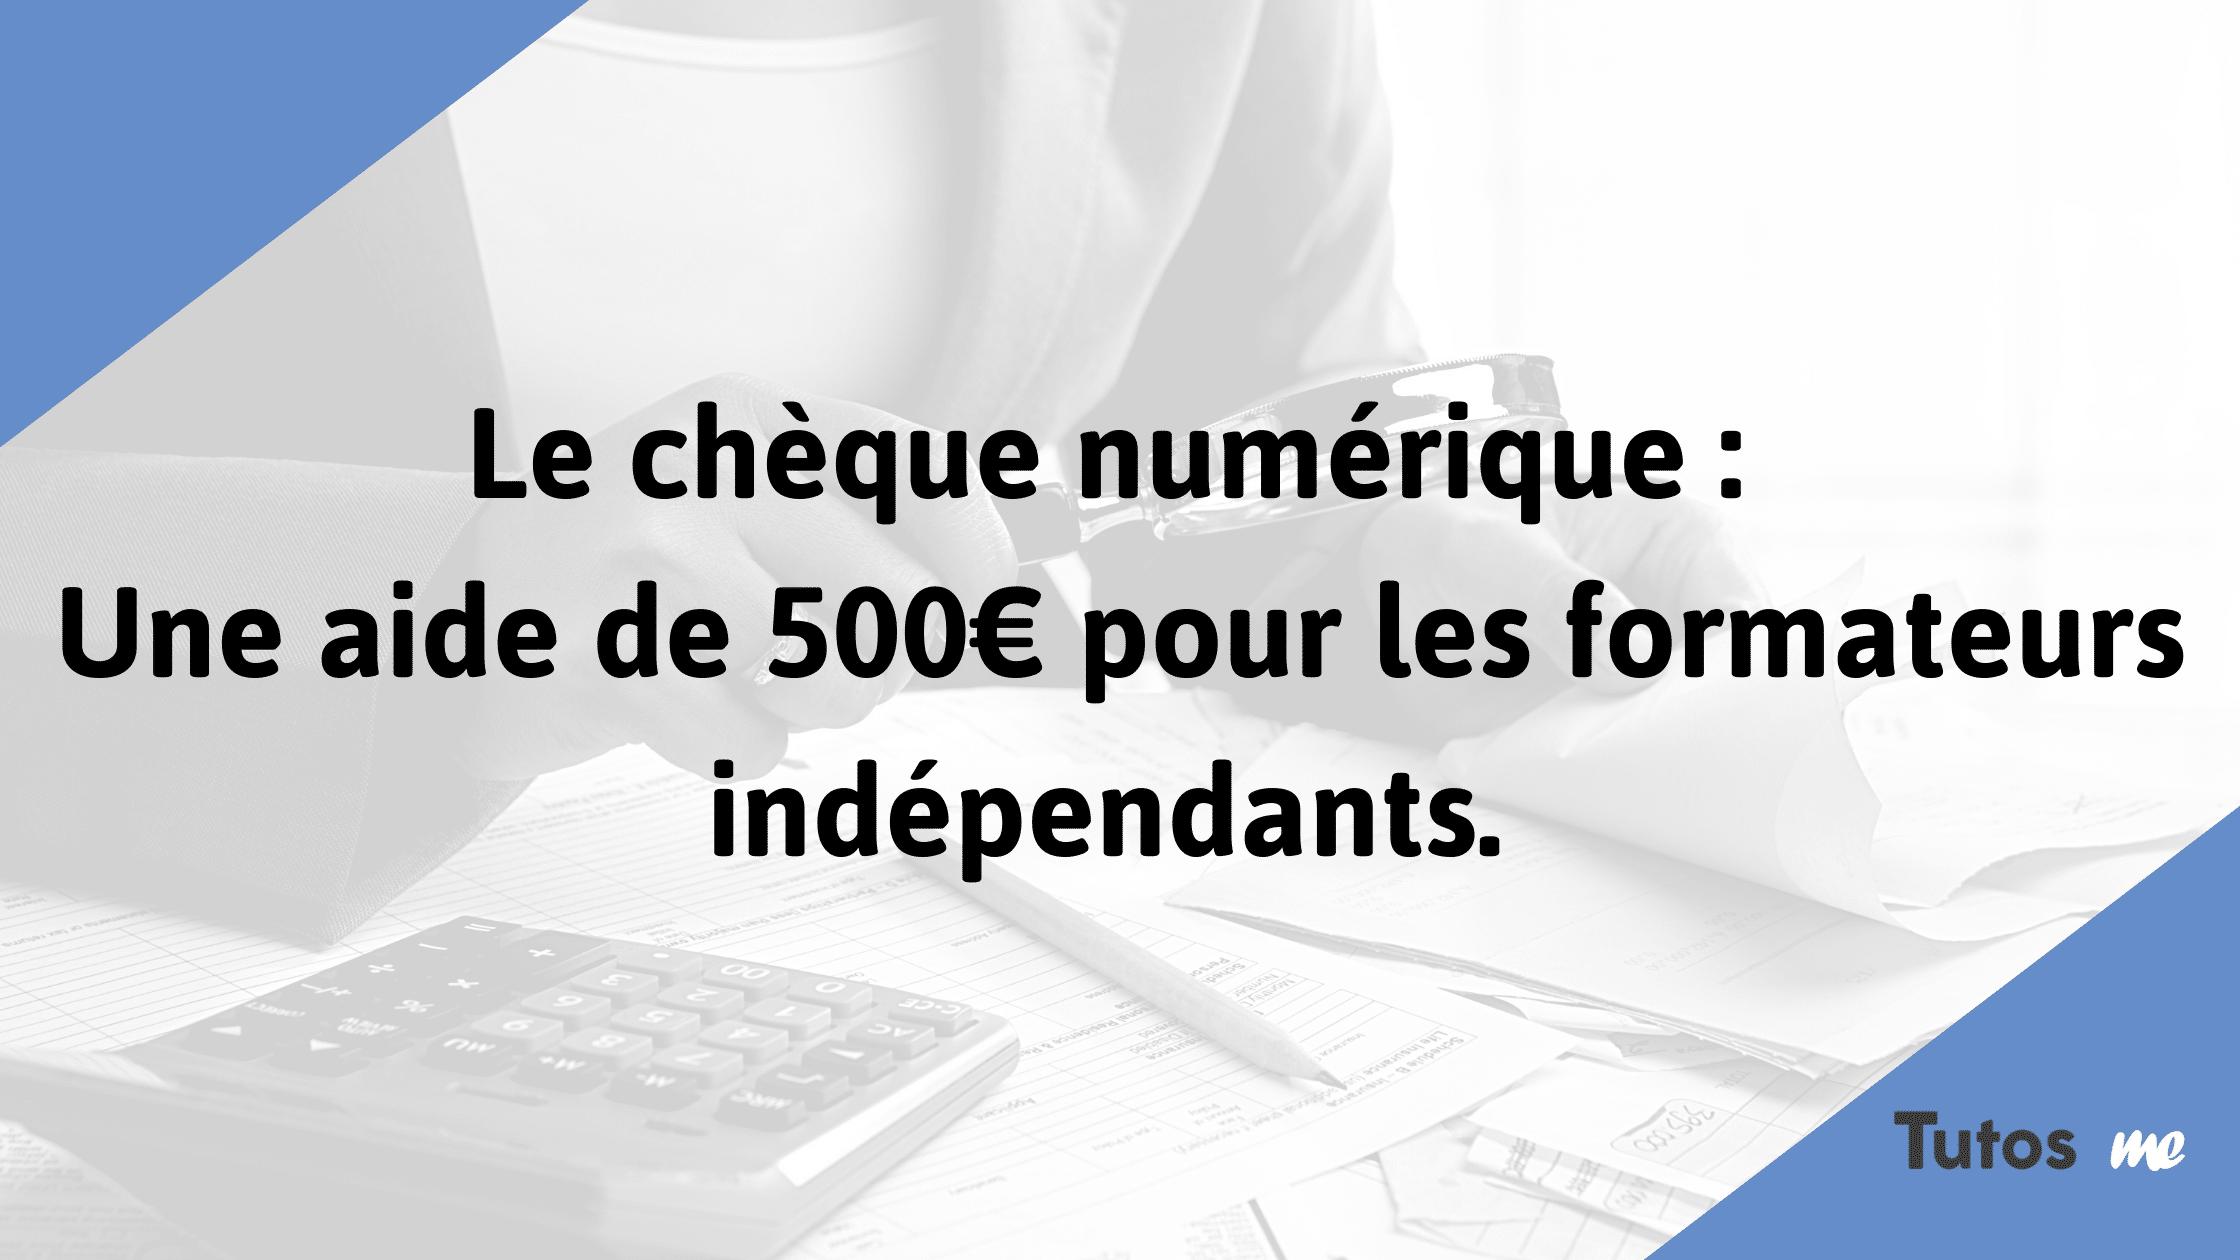 Le chèque numérique Une aide de 500€ pour les formateurs indépendants.